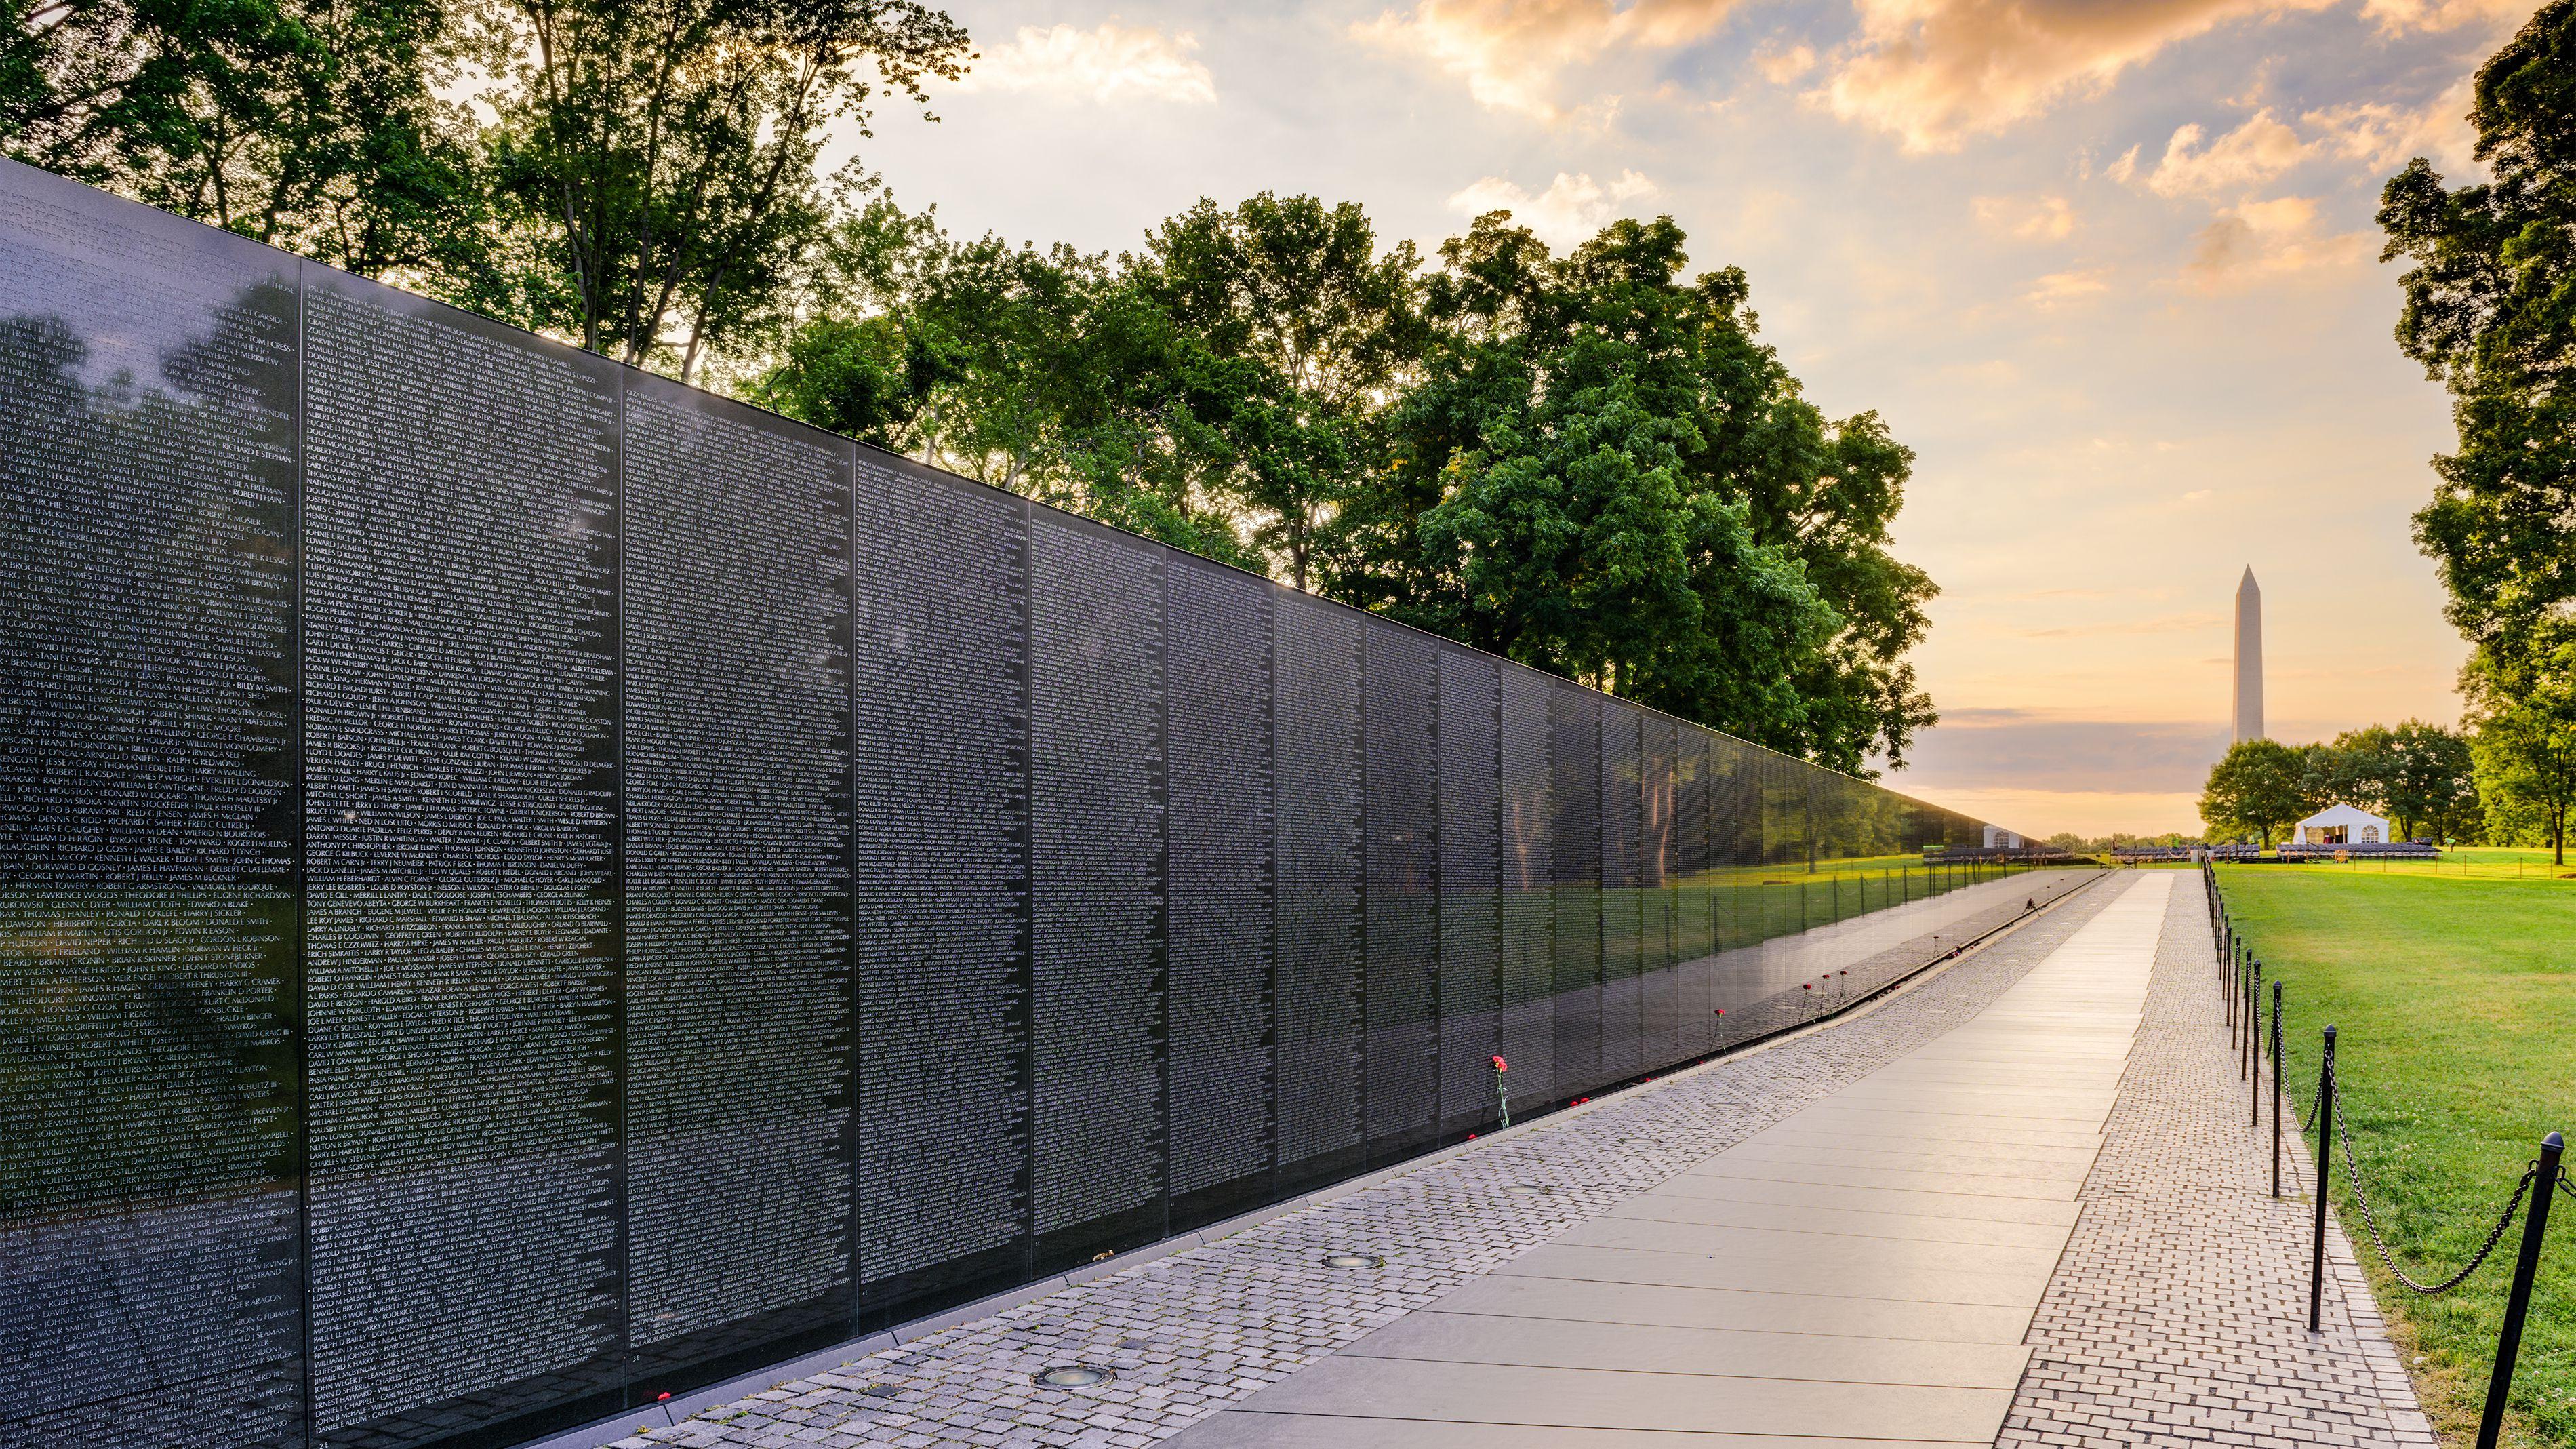 Full View Of The Vietnam Veterans Memorial